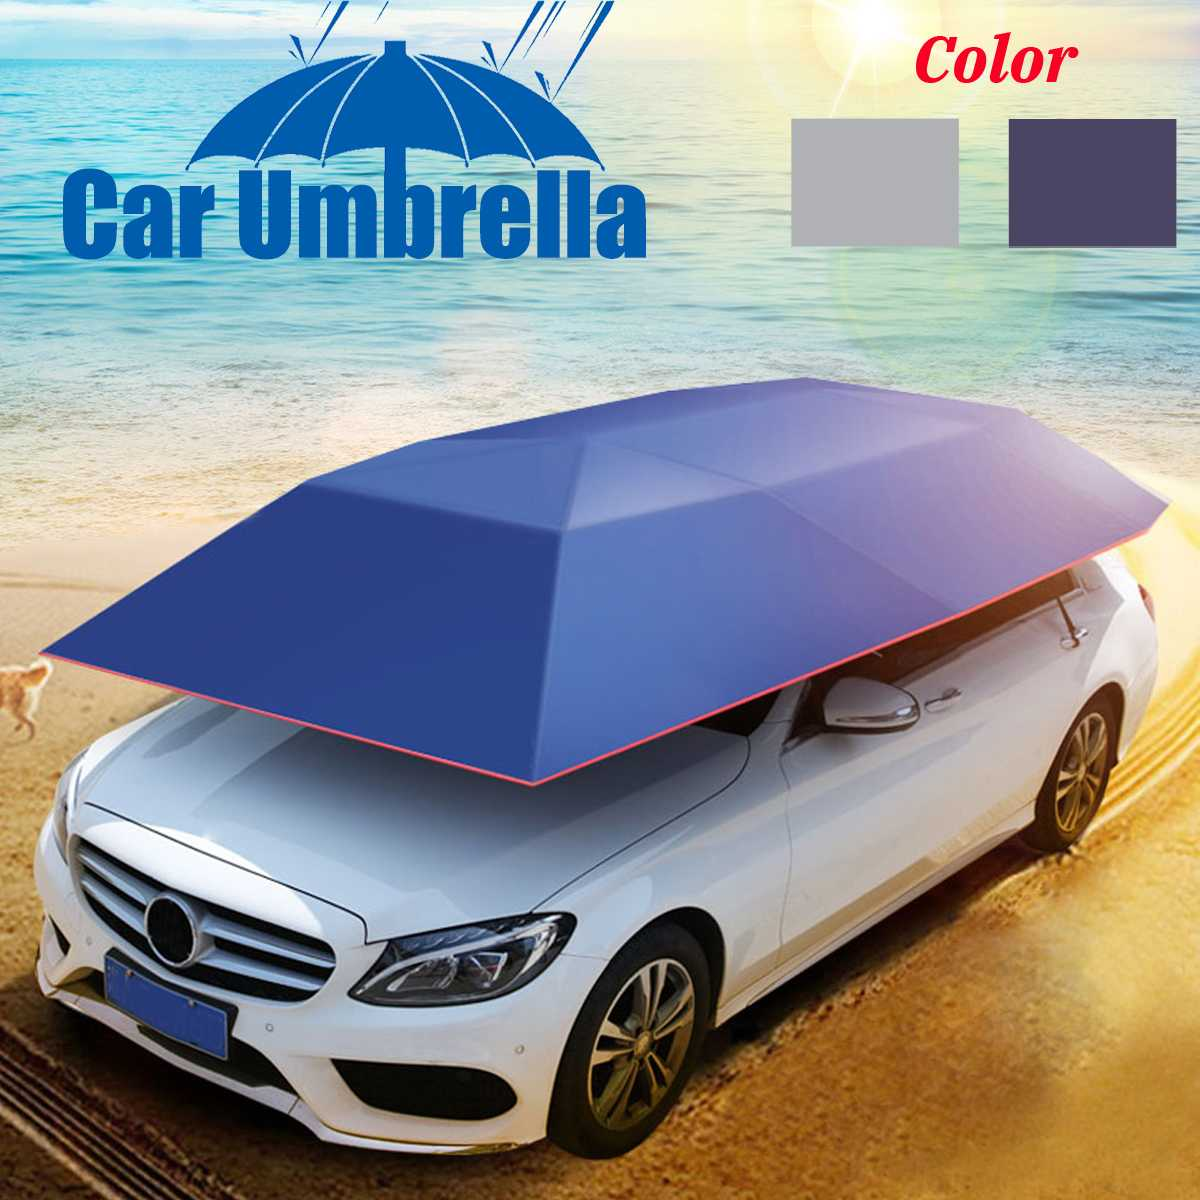 Portátil Ao Ar Livre Oxford Pano de Tenda Guarda-chuva Cobertura Sombra de Sol Do Carro Do Veículo Do Carro Tampa Do Carro Anti-UV À Prova de Vento de Poliéster Capa